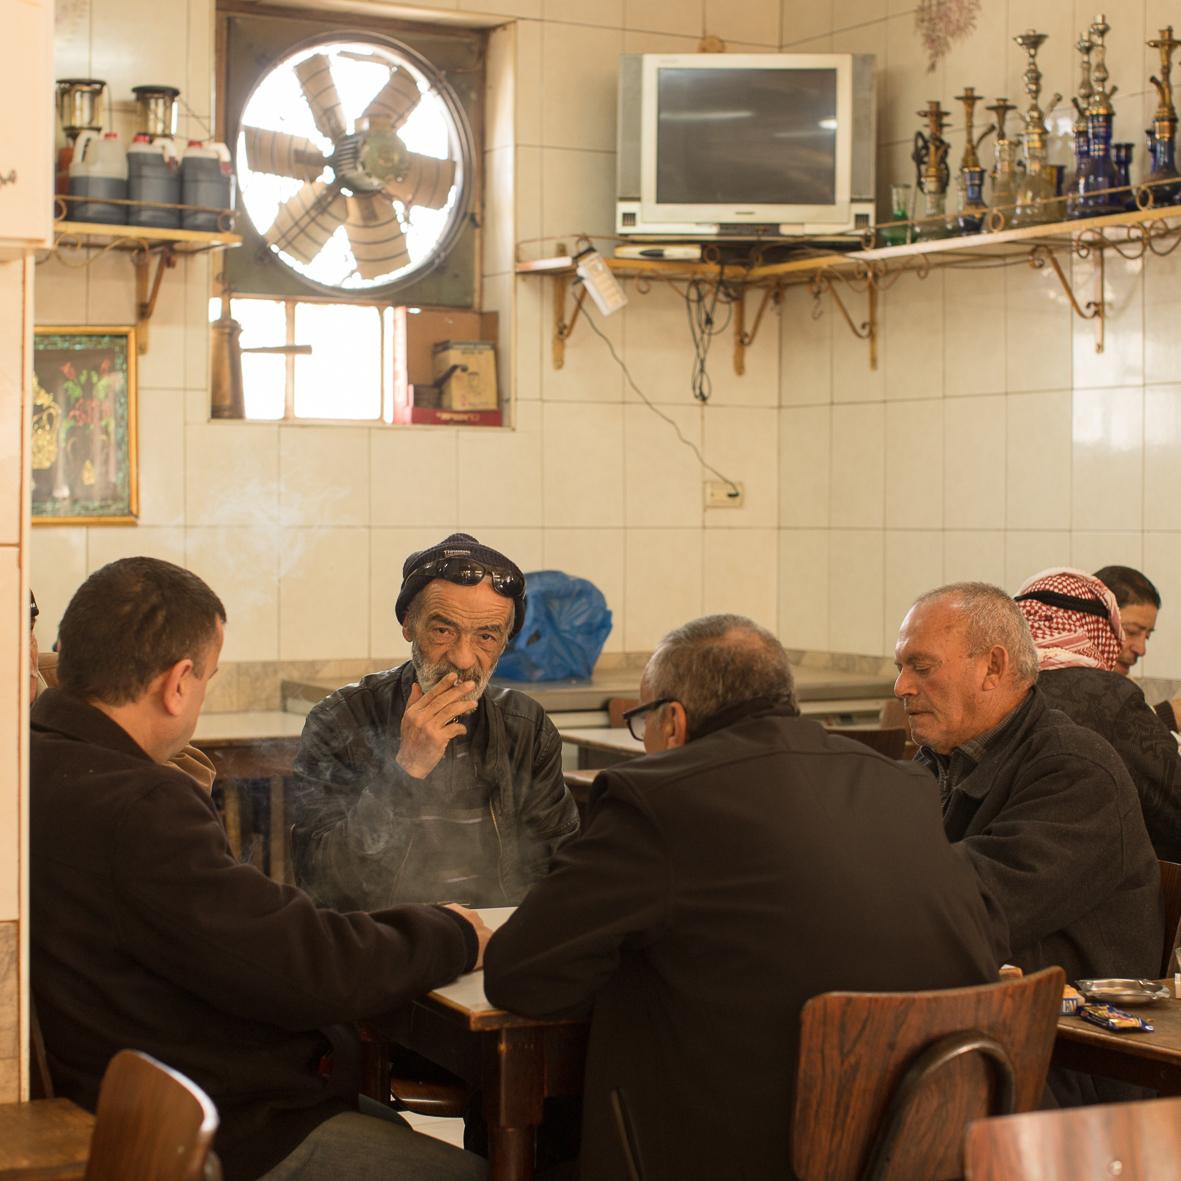 Café im arabischen Viertel 1 Jerusalem